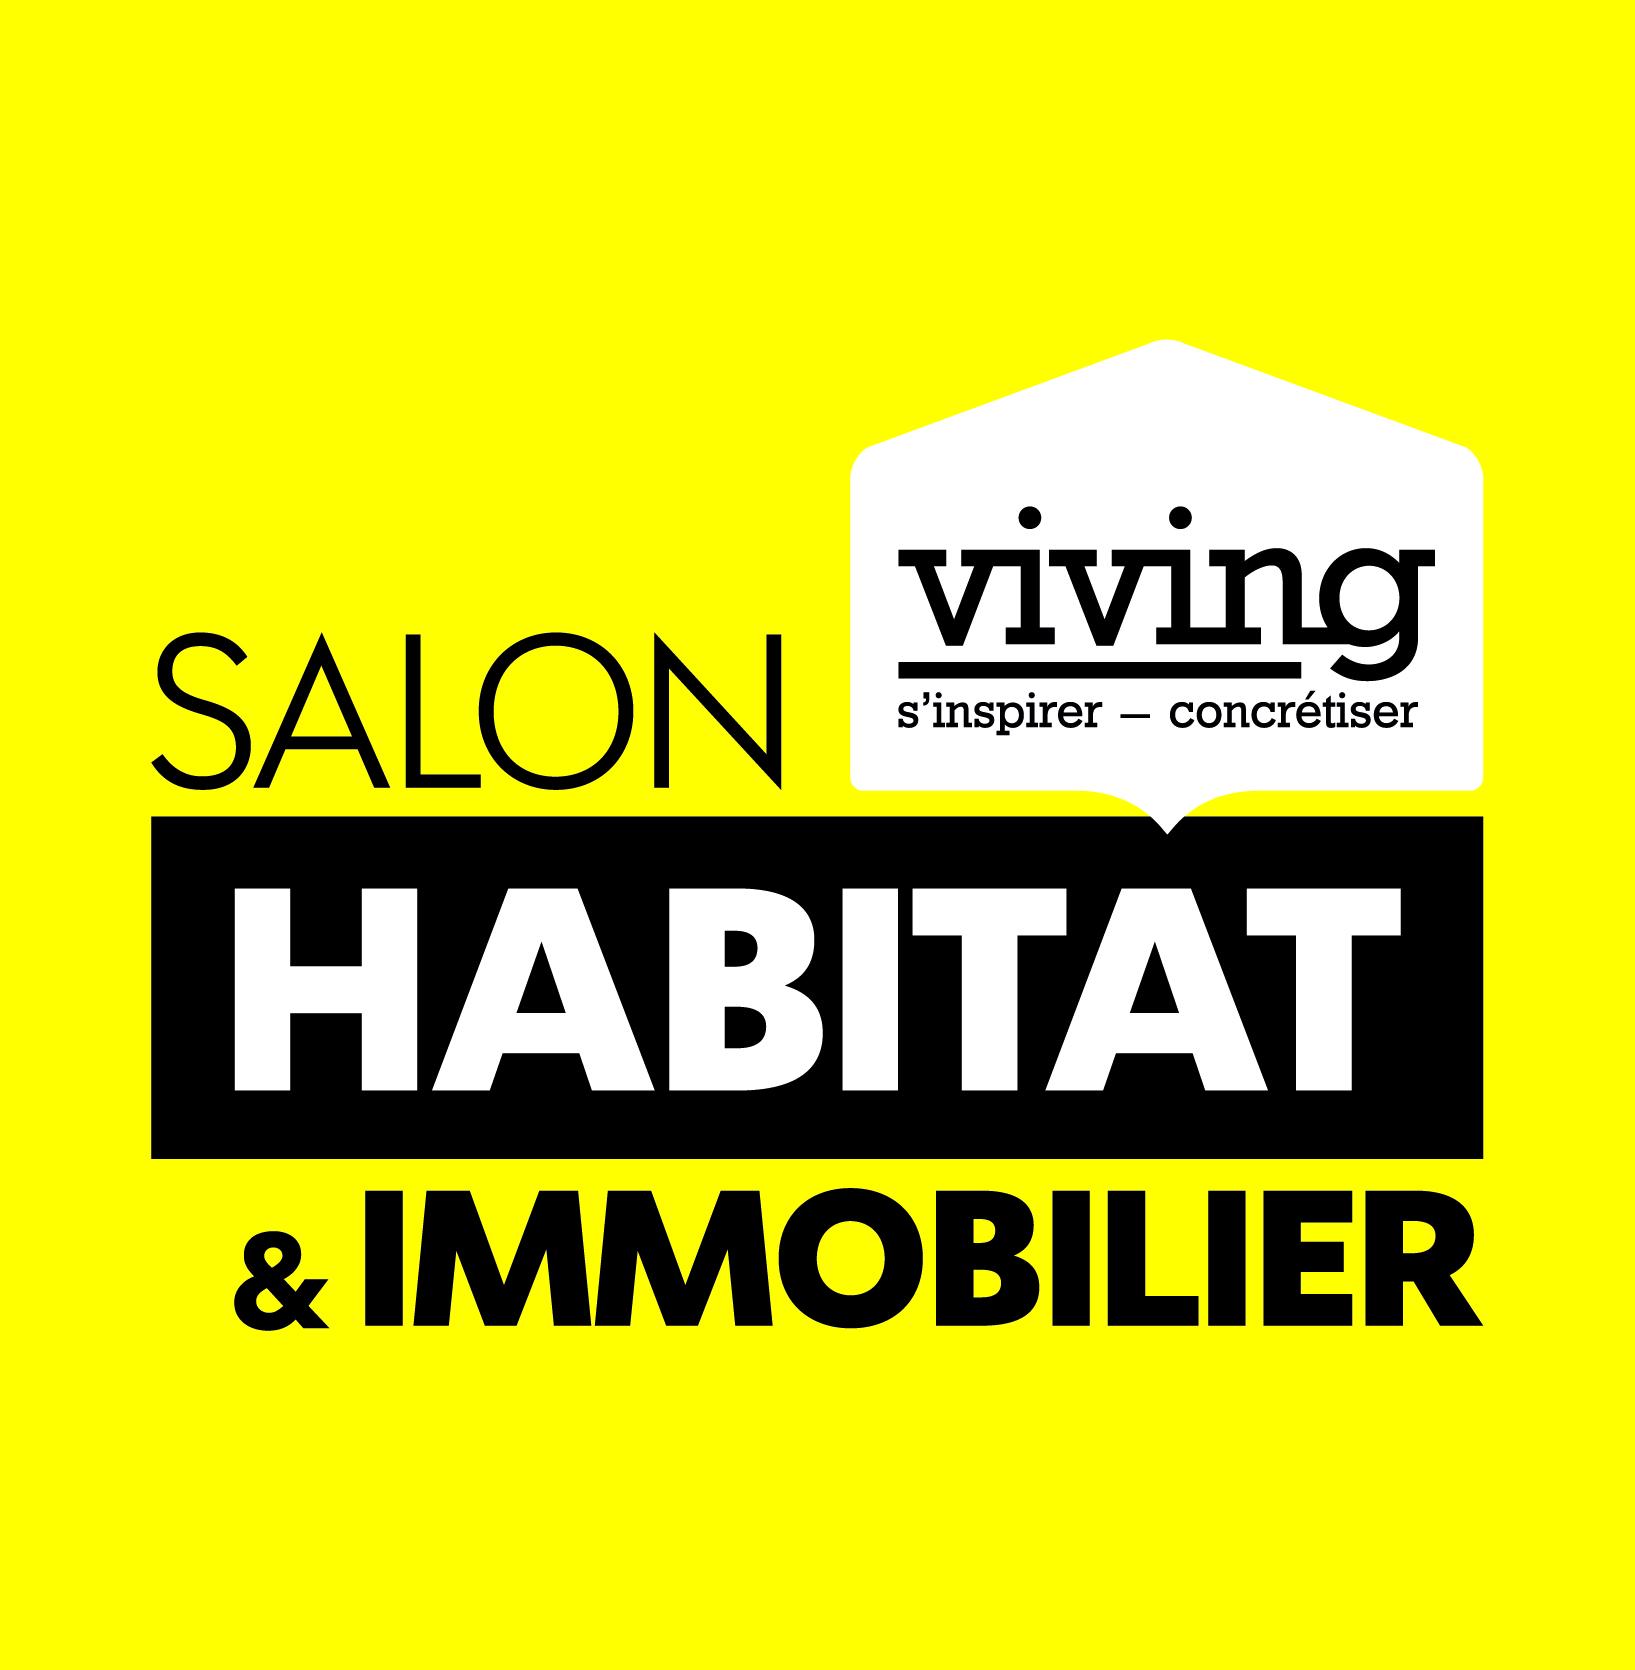 SALON DE L'HABITAT ET IMMOBILIER VIVING - GL EVENTS - Quimper Evénements –  Grand public